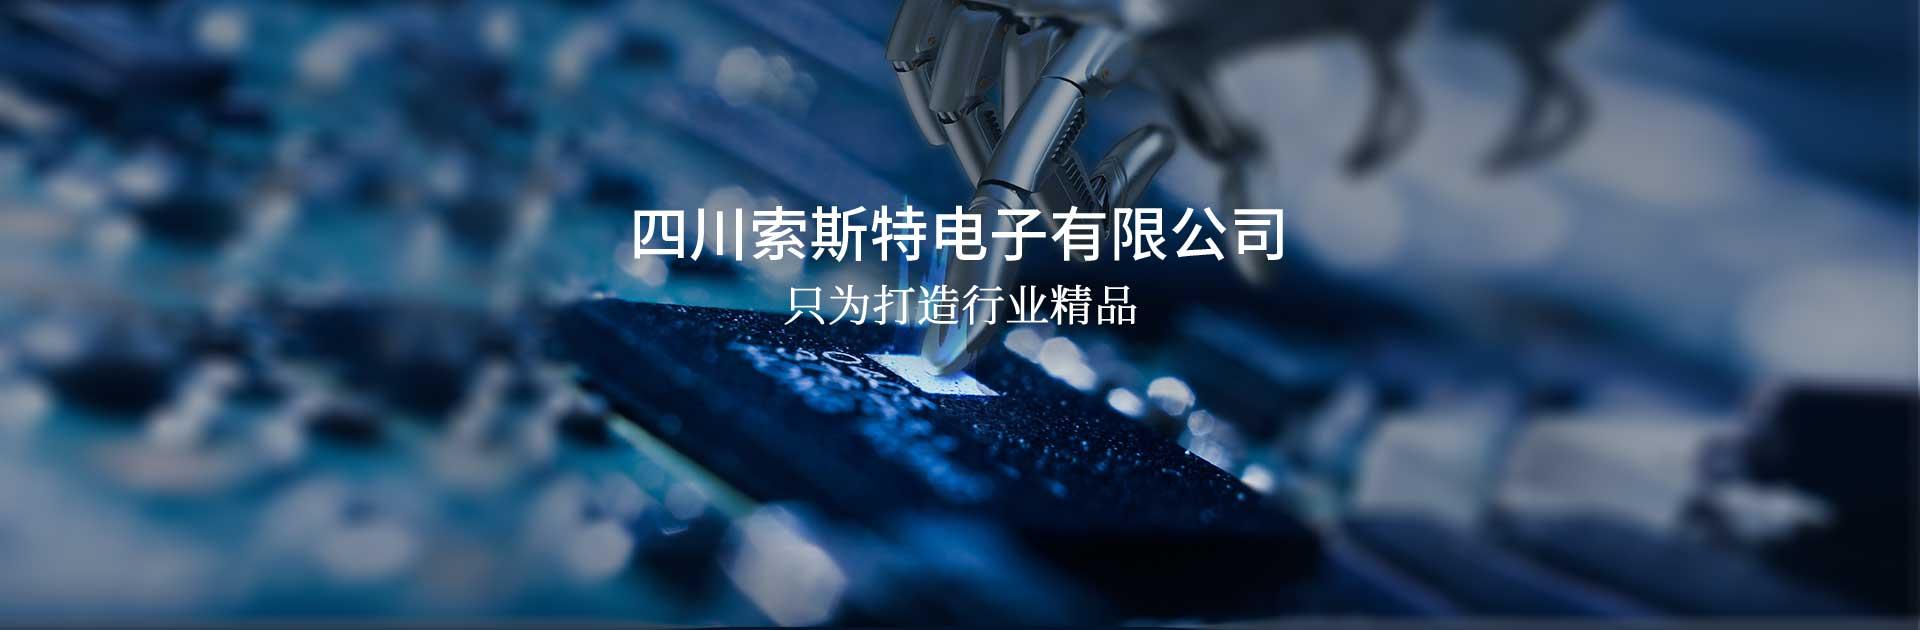 石英晶体产品生产